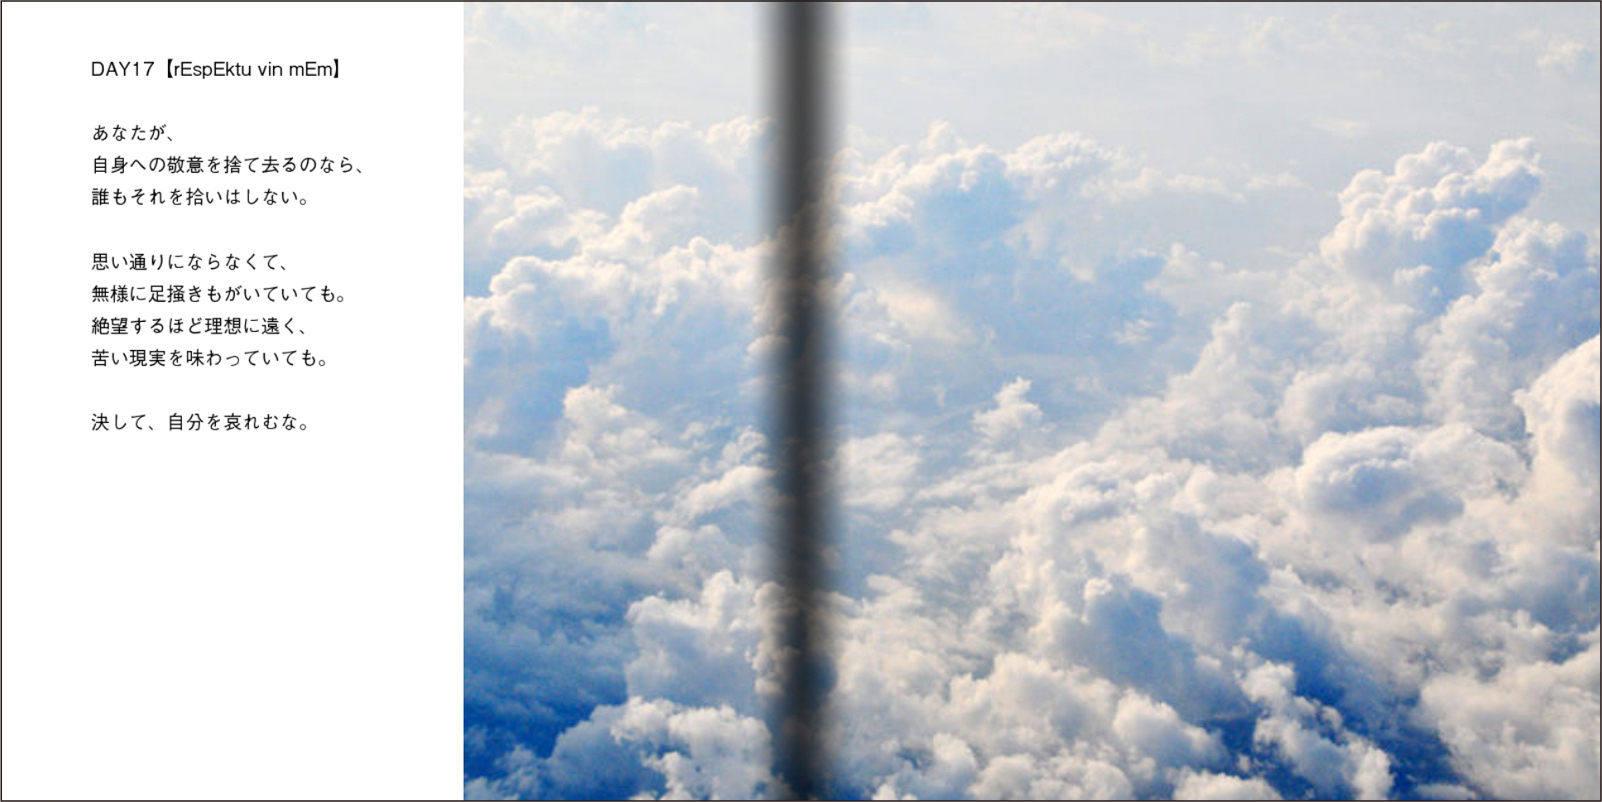 【オーダー承り〼】写真とことばの本『あなたの物語をはじめる』Maki SAEGUSA_d0018646_20232472.jpg